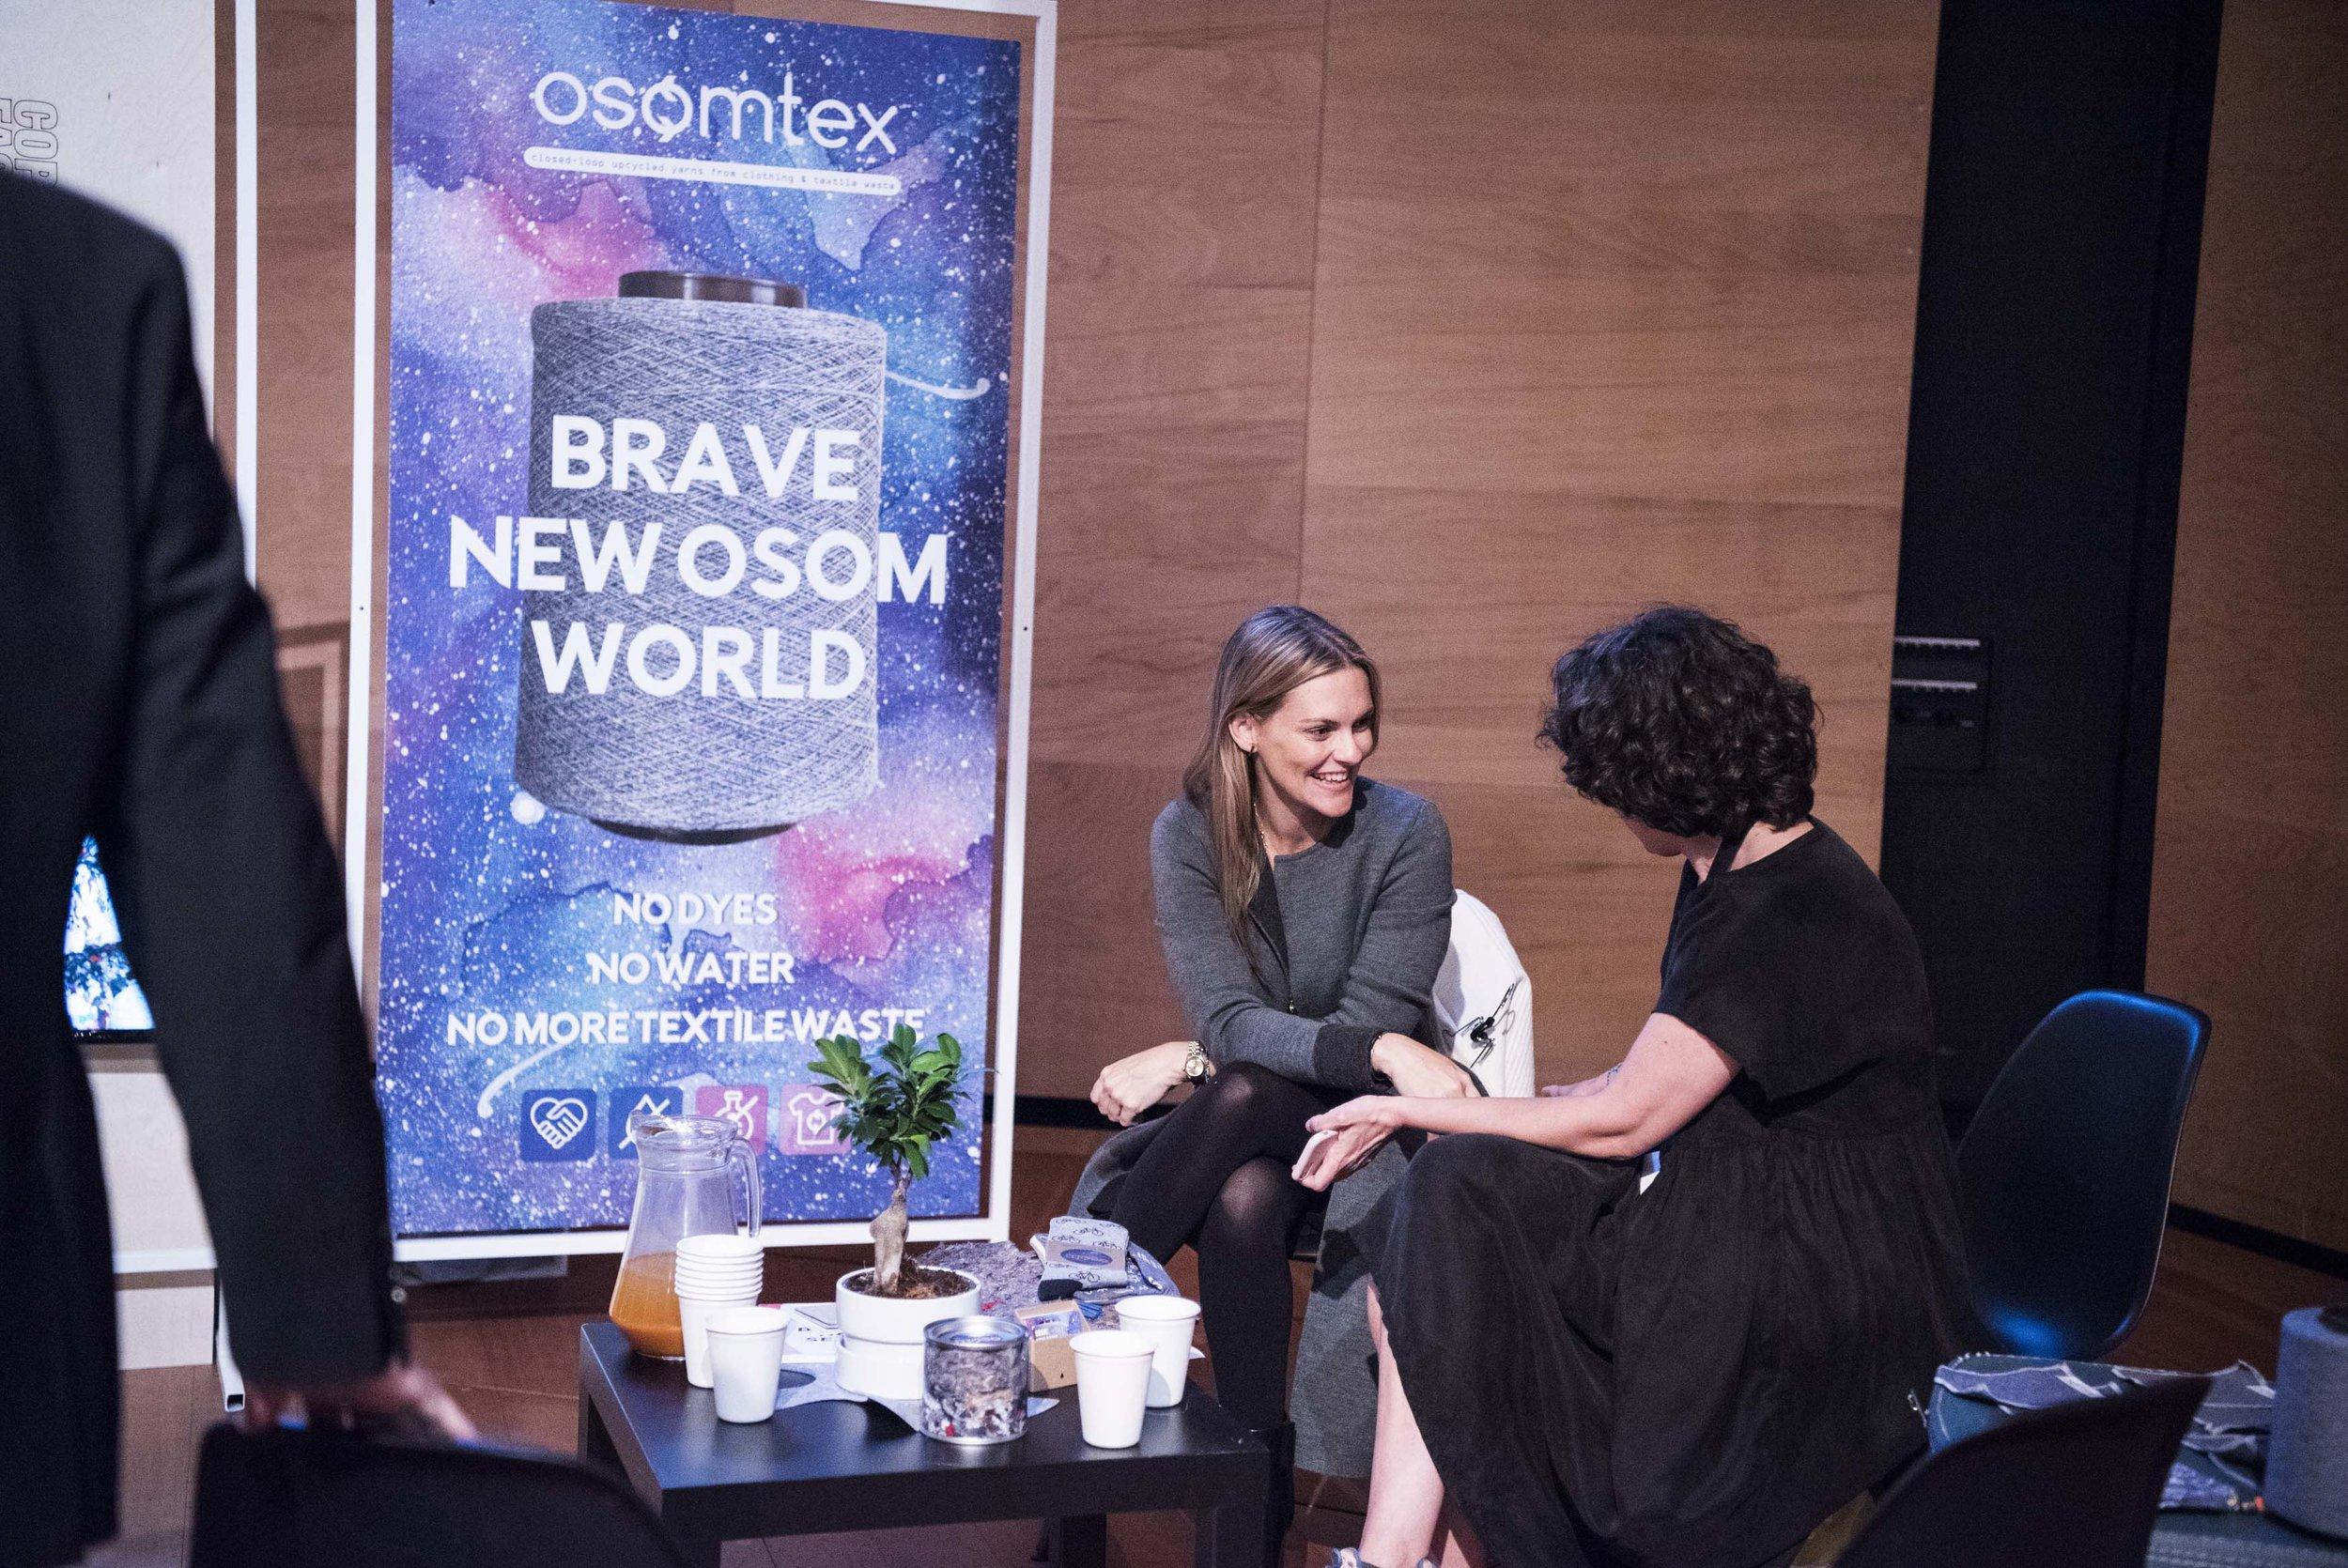 OSOMTEX